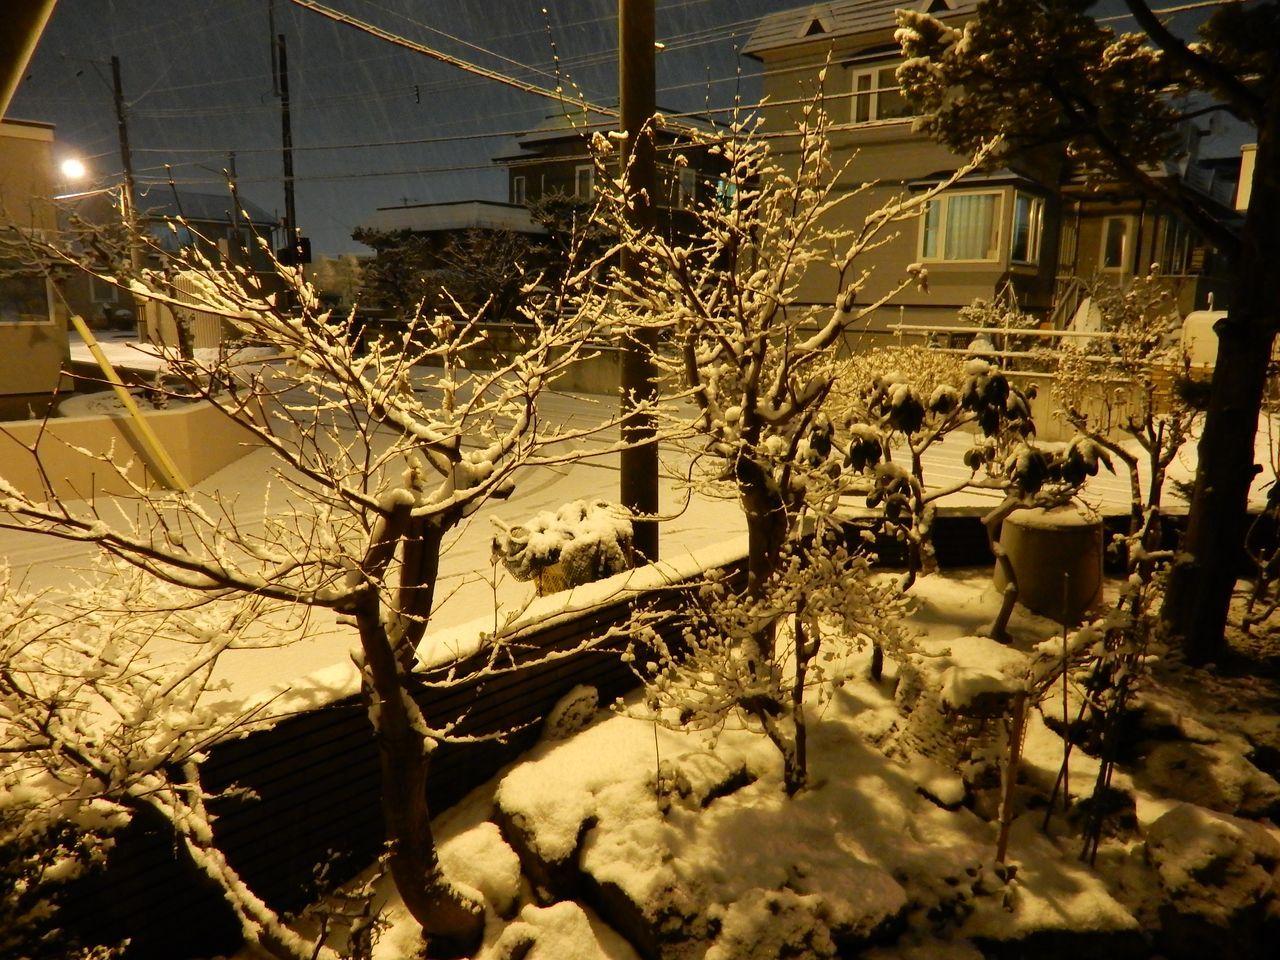 嵐にならない札幌_c0025115_21253515.jpg